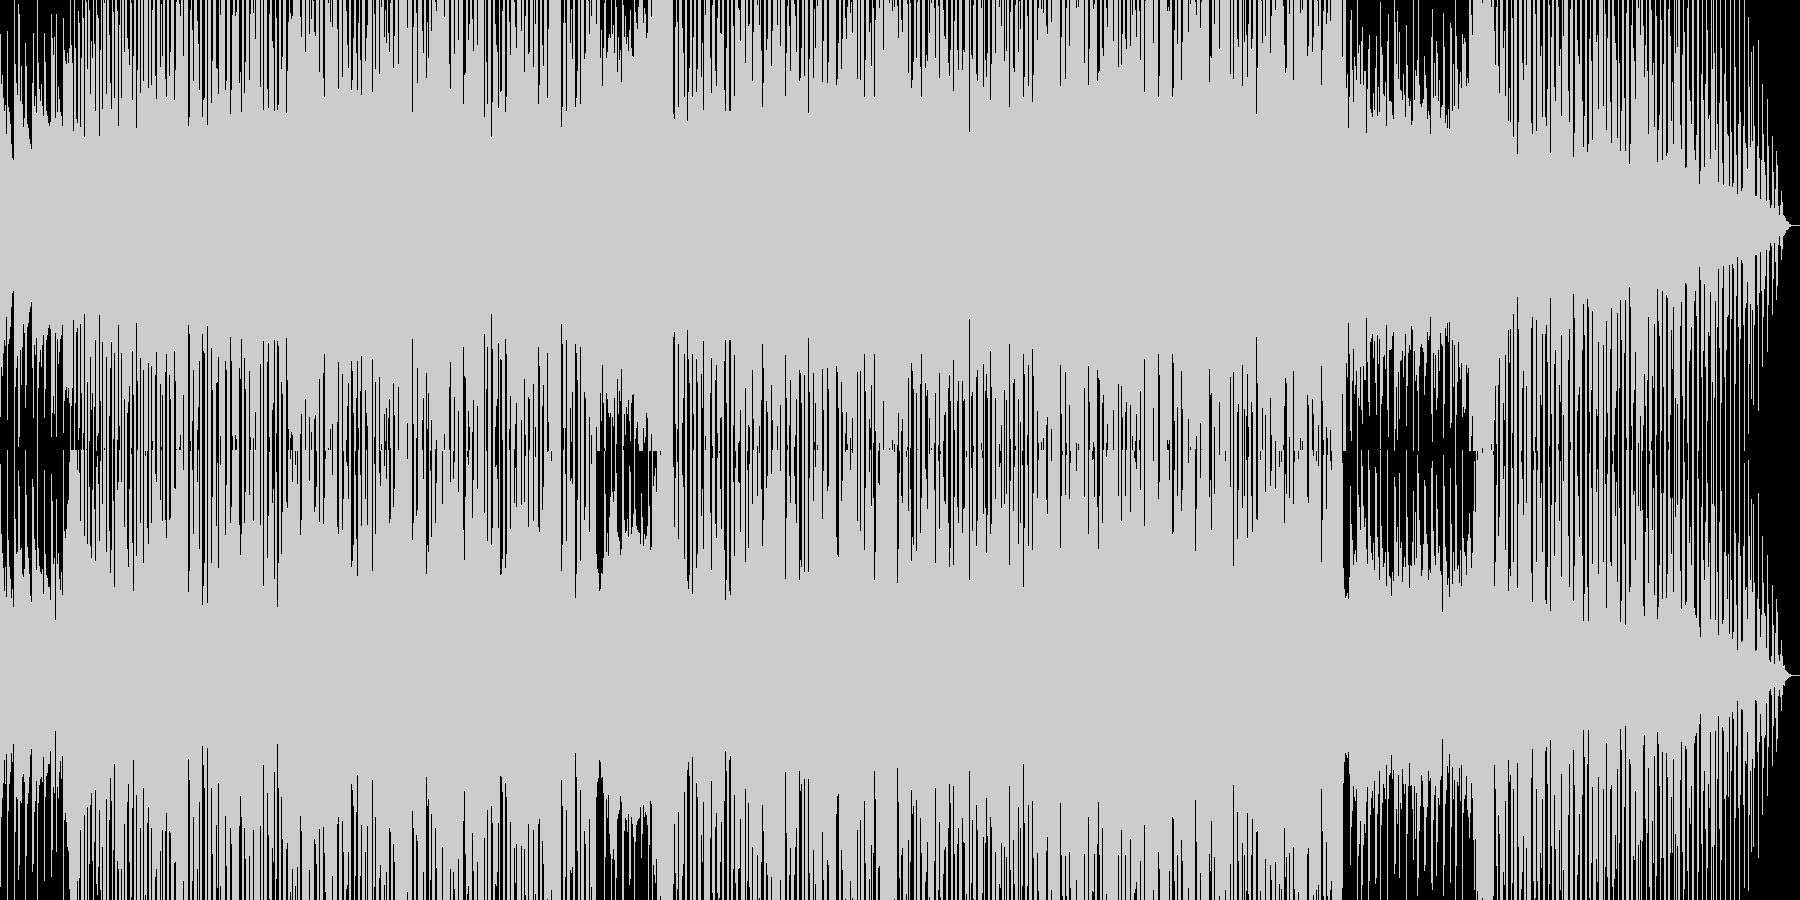 アニメの主題歌のようなカッコイイBGMの未再生の波形